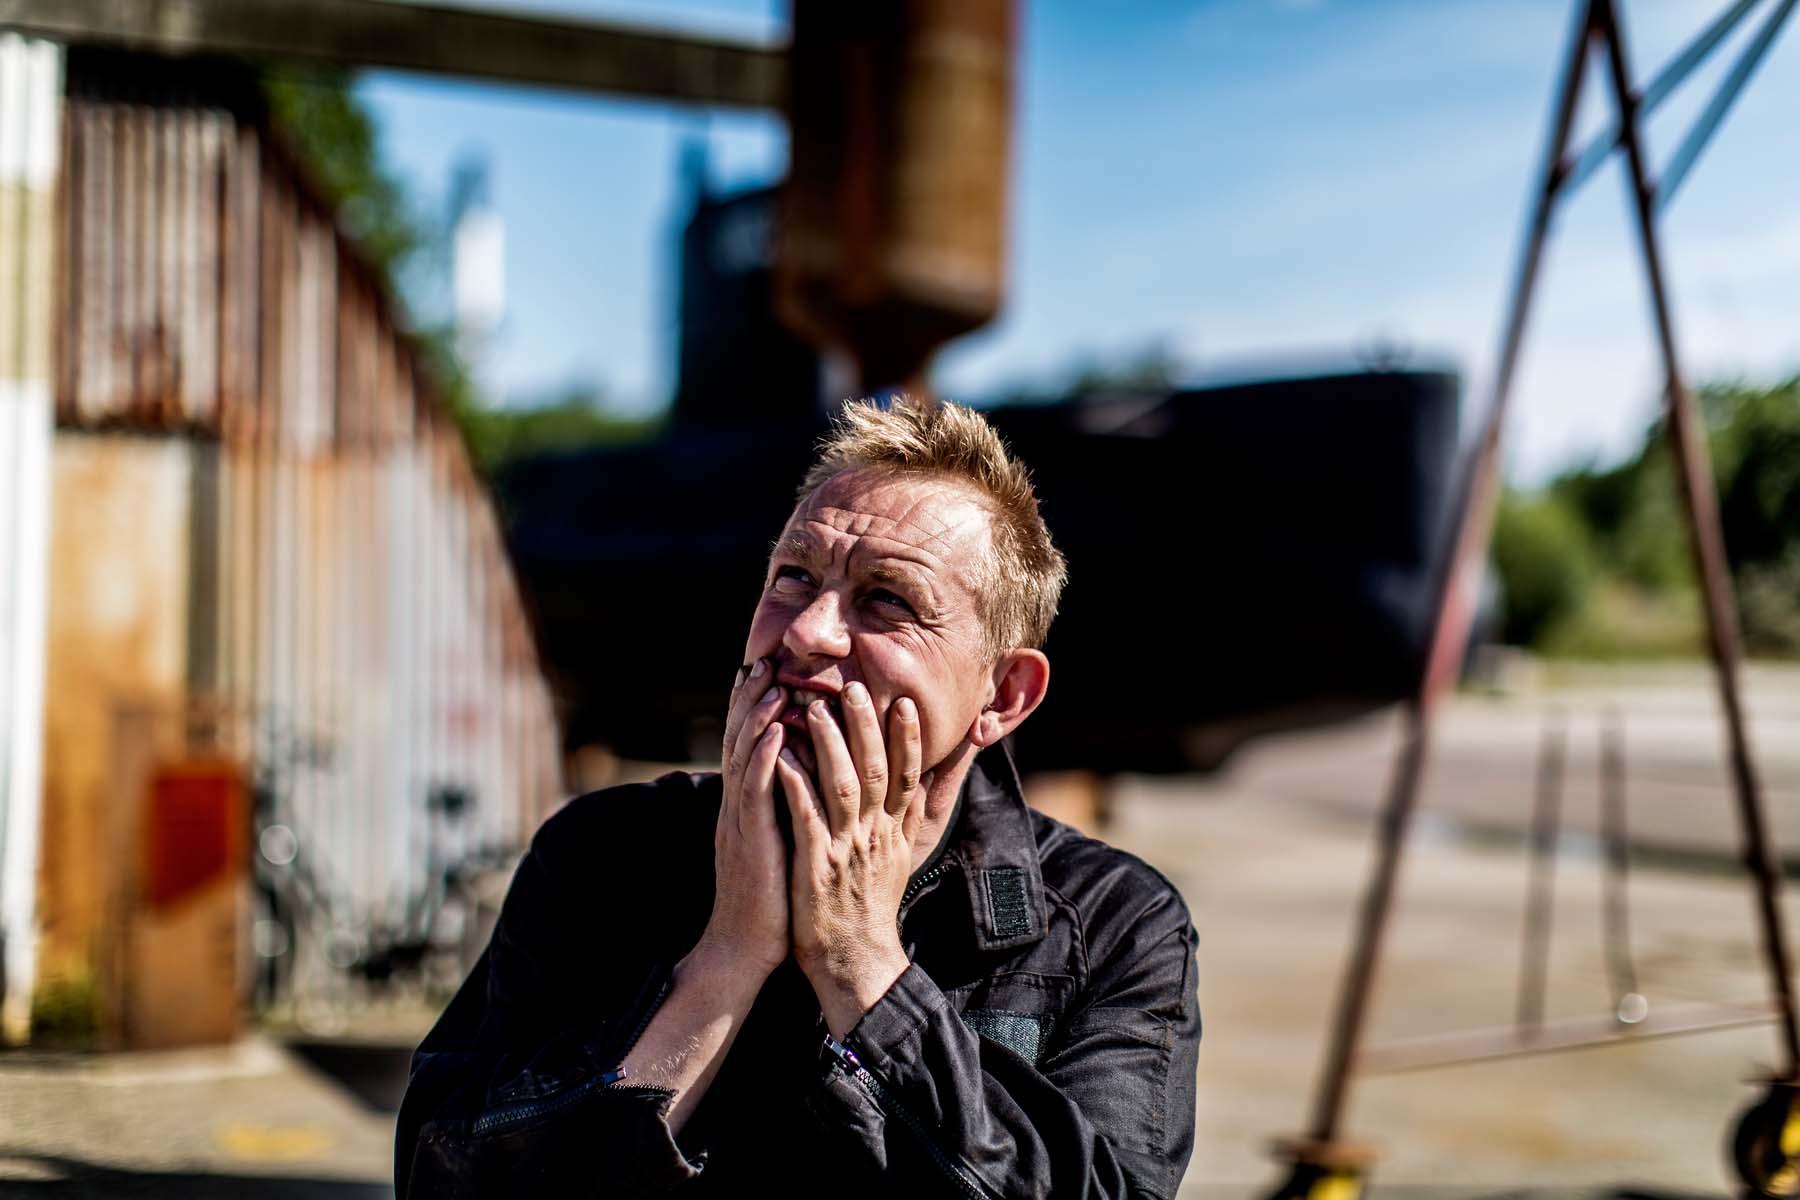 Υπόθεση Βαλ: Ο Χάνιμπαλ Λέκτερ της Δανίας και η δολοφονία-θρίλερ - Φωτογραφία 12